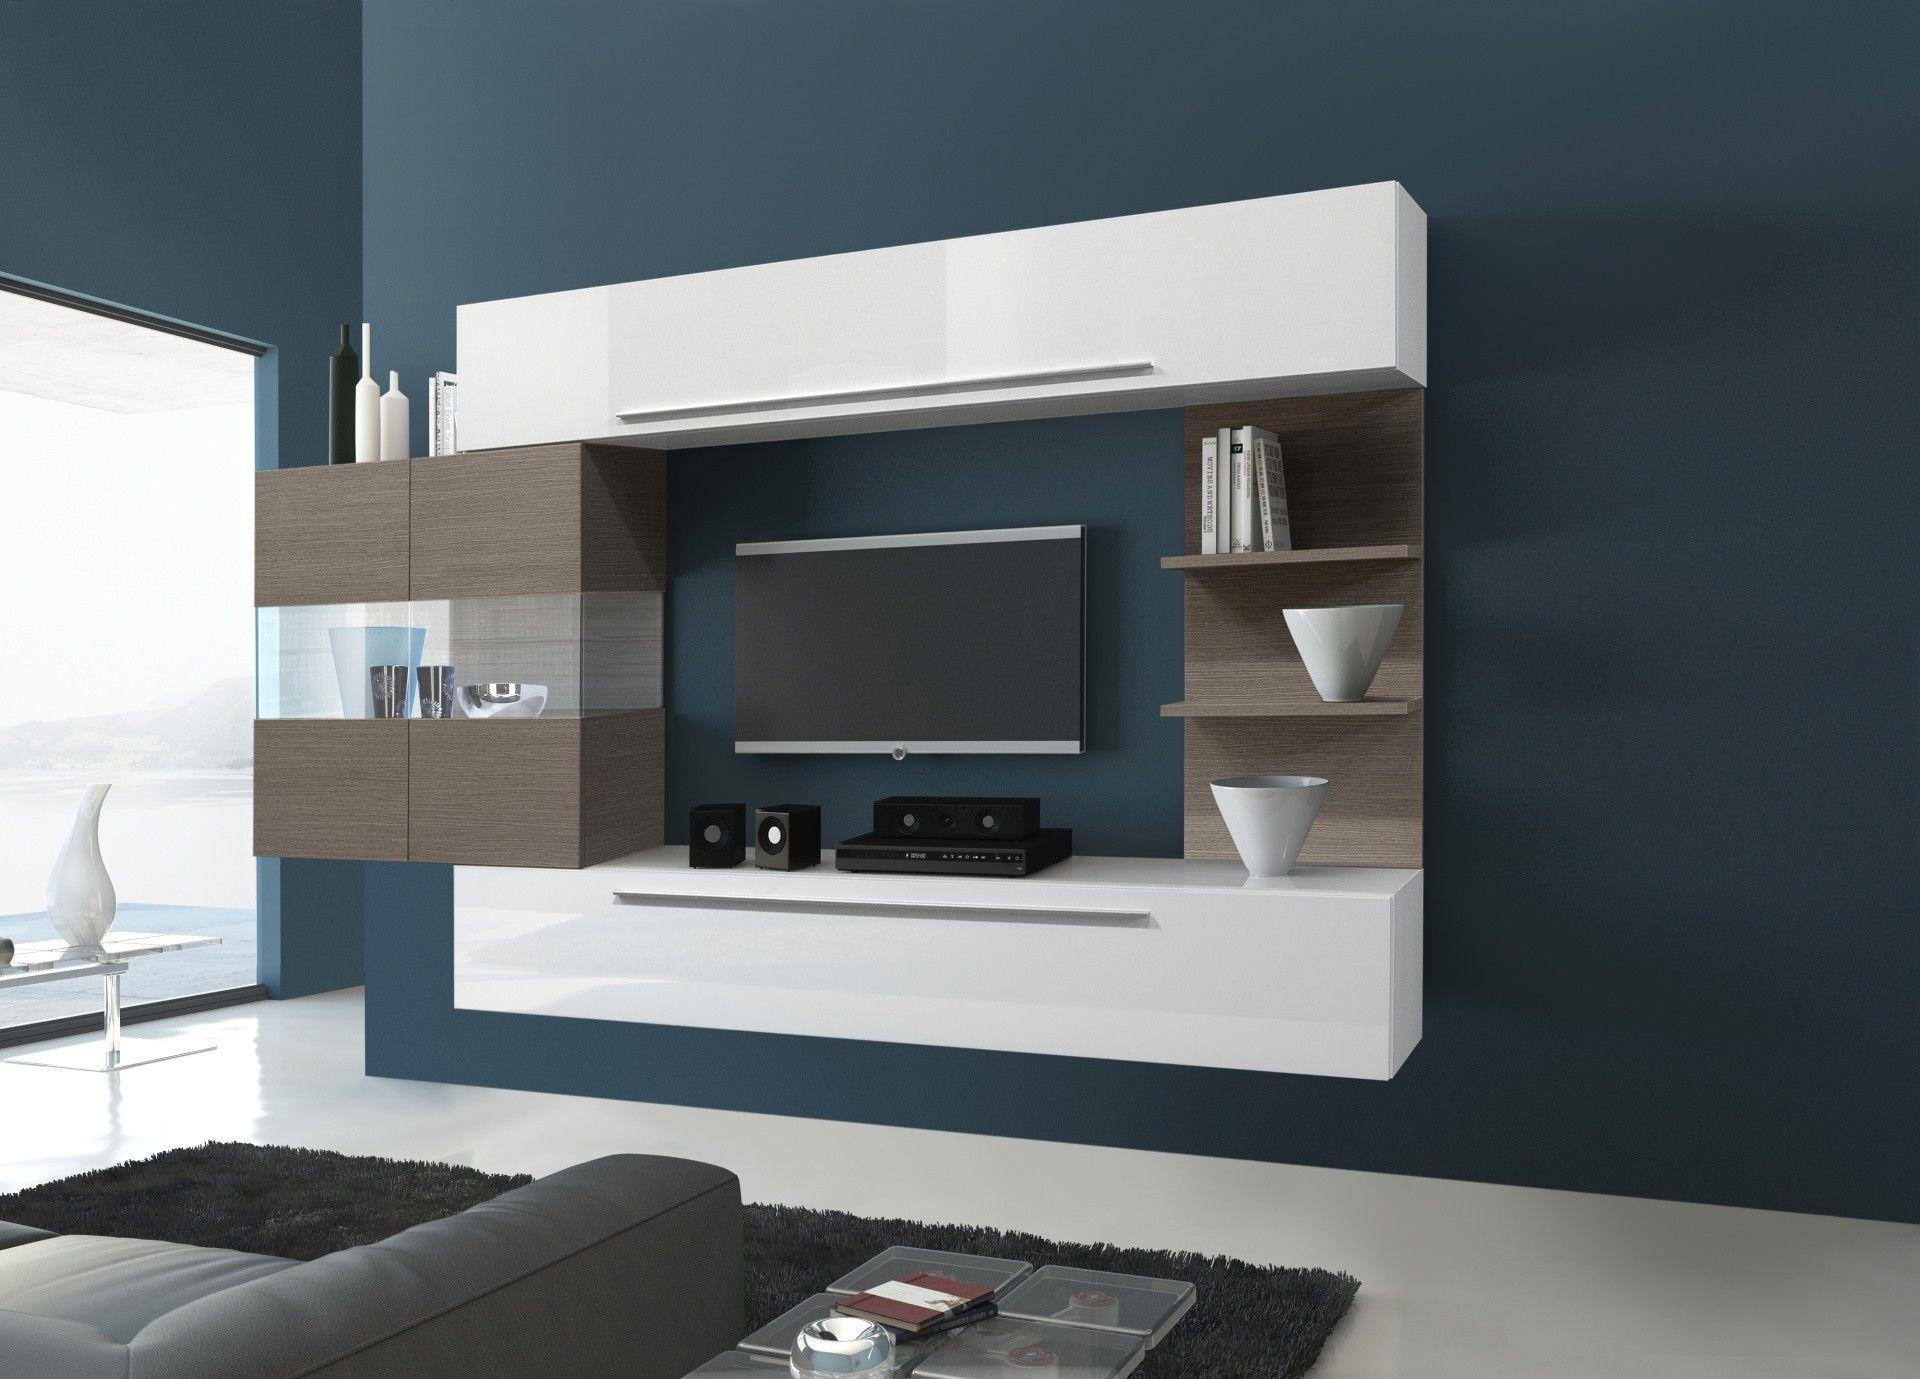 étonnant ensemble meuble tv bois Décoration fran§aise